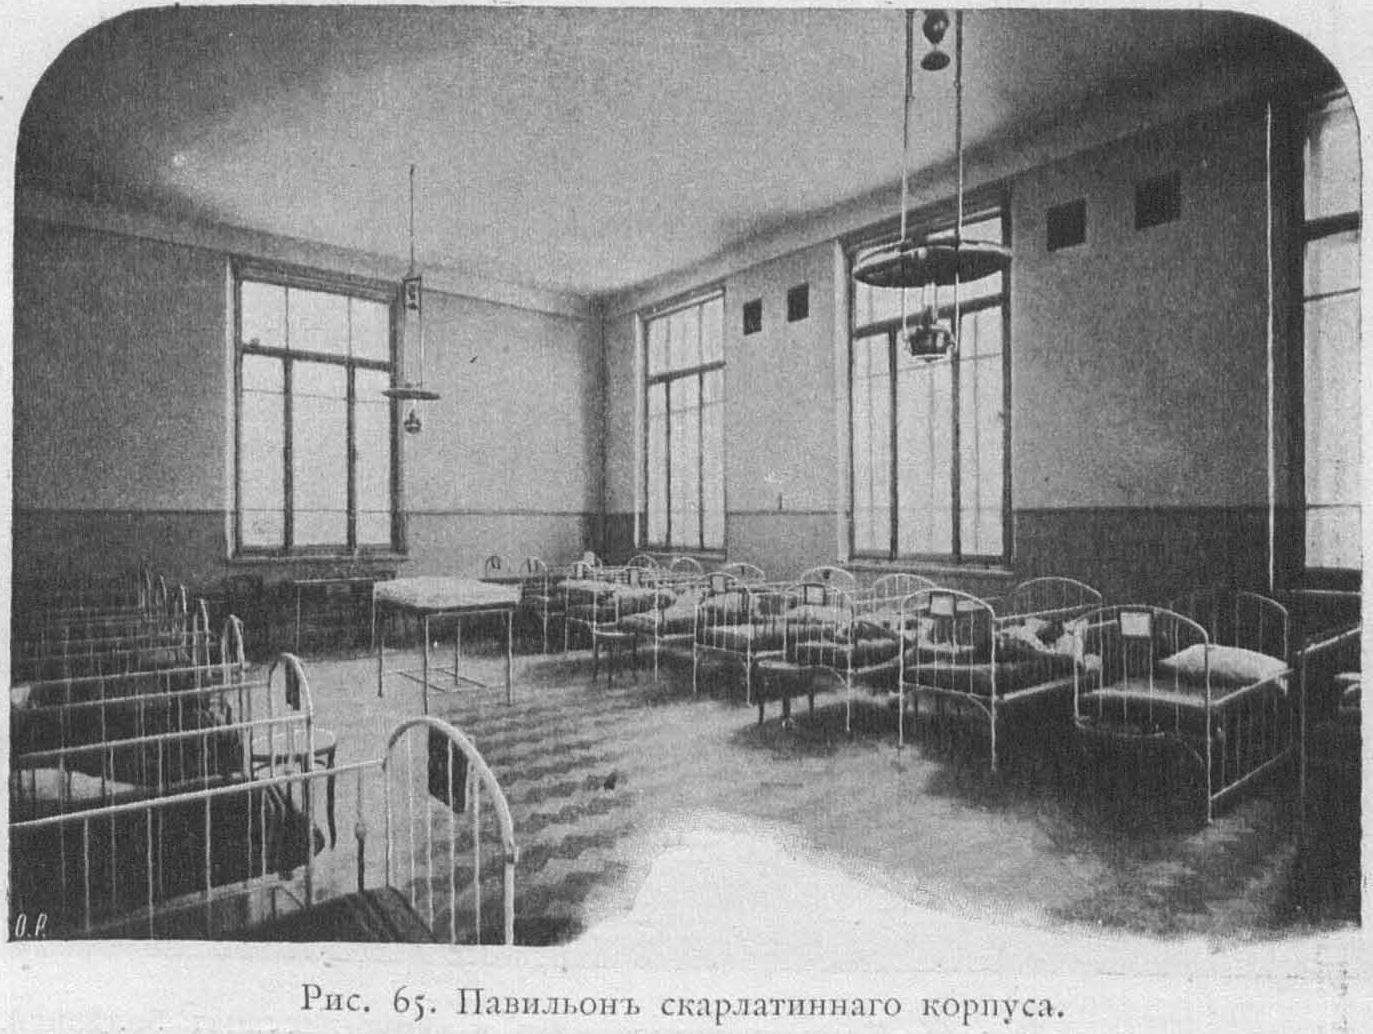 Павильон скарлатинного корпуса. Детская больница им. В. Е. Морозова